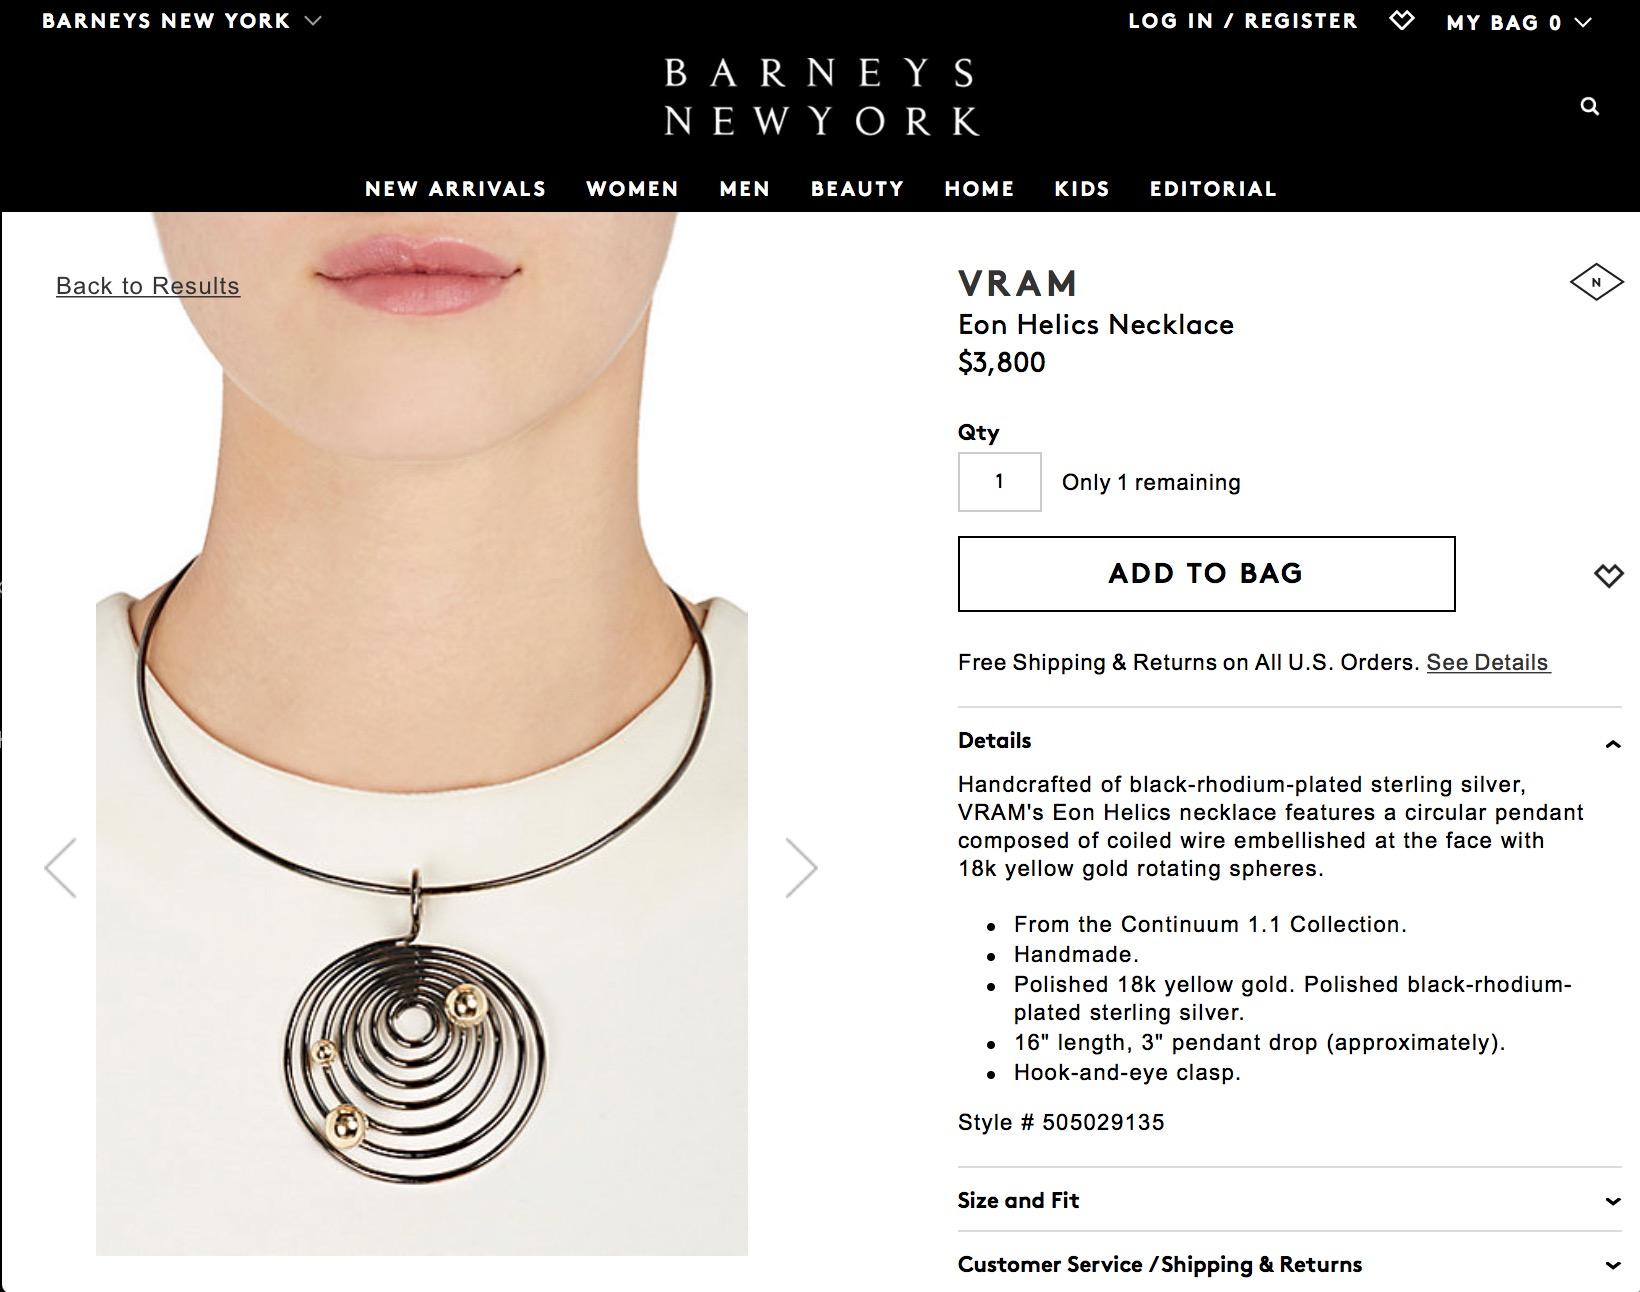 VRAM Jewelry at Barneys Screenshot